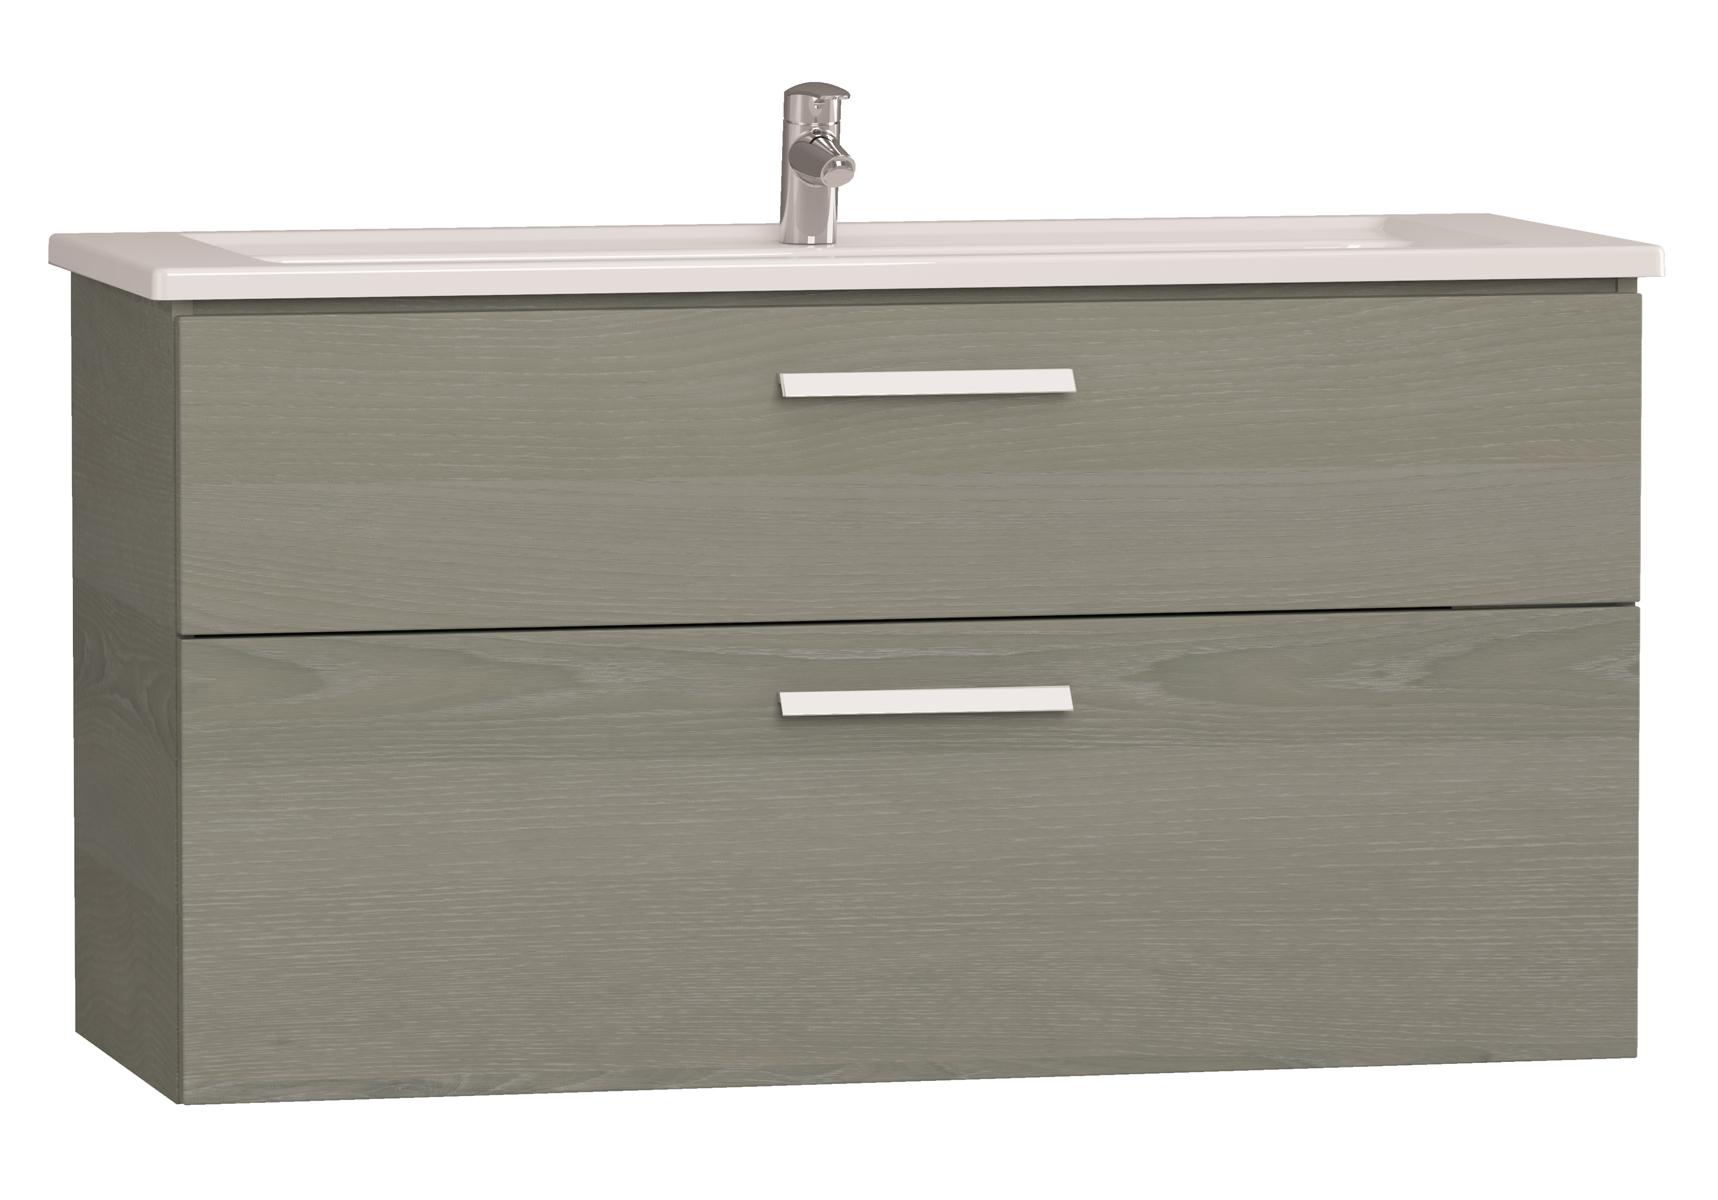 Integra meuble avec plan céramique avec deux tiroirs, 120 cm, chêne gris naturel